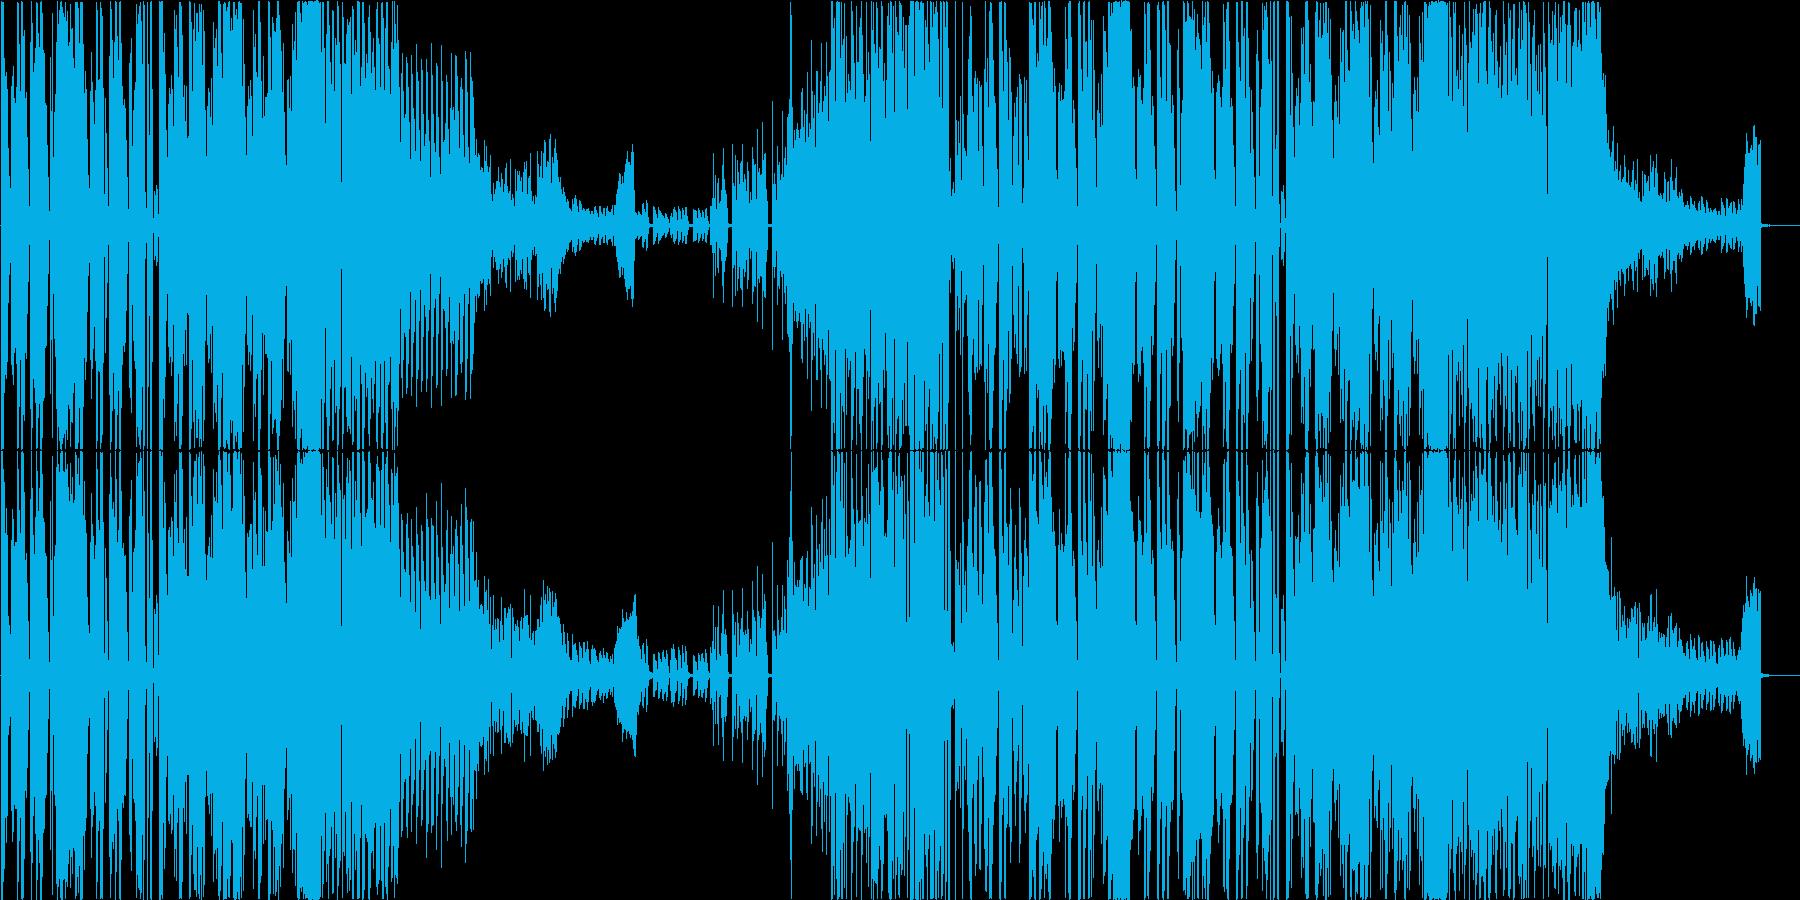 CM】ノリノリEDM ボーカルなしverの再生済みの波形